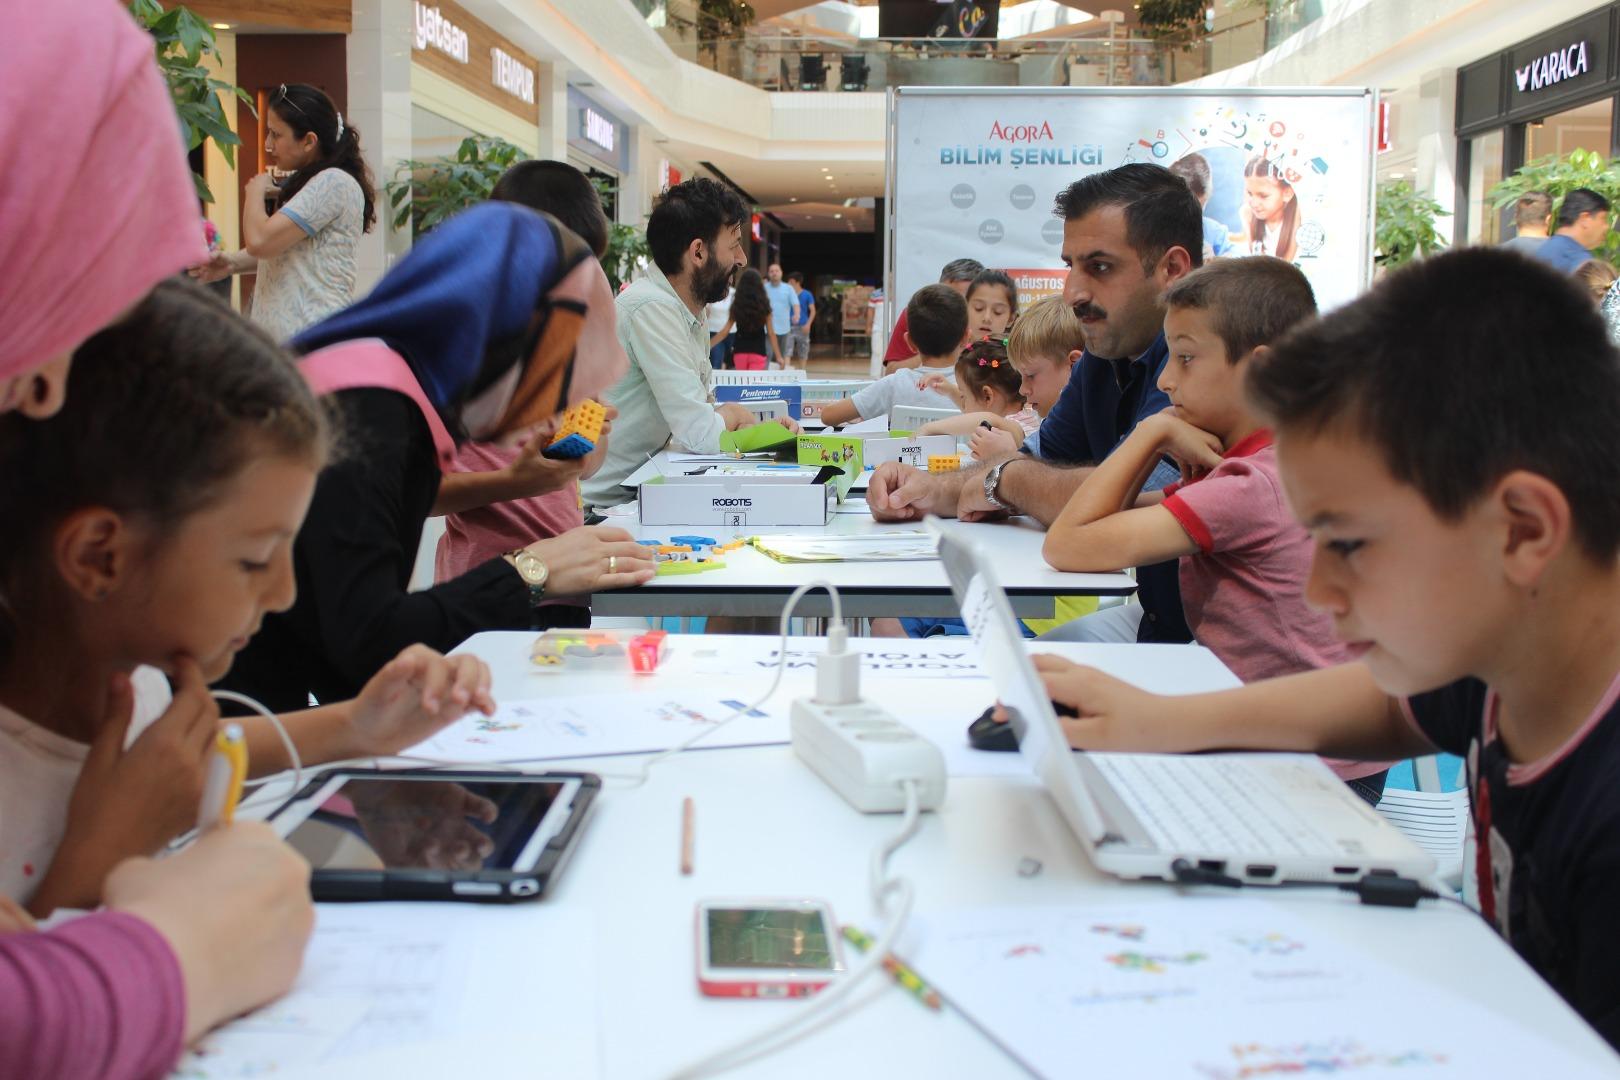 Minikler Agora Bilim Şenliği'yle eğlendi